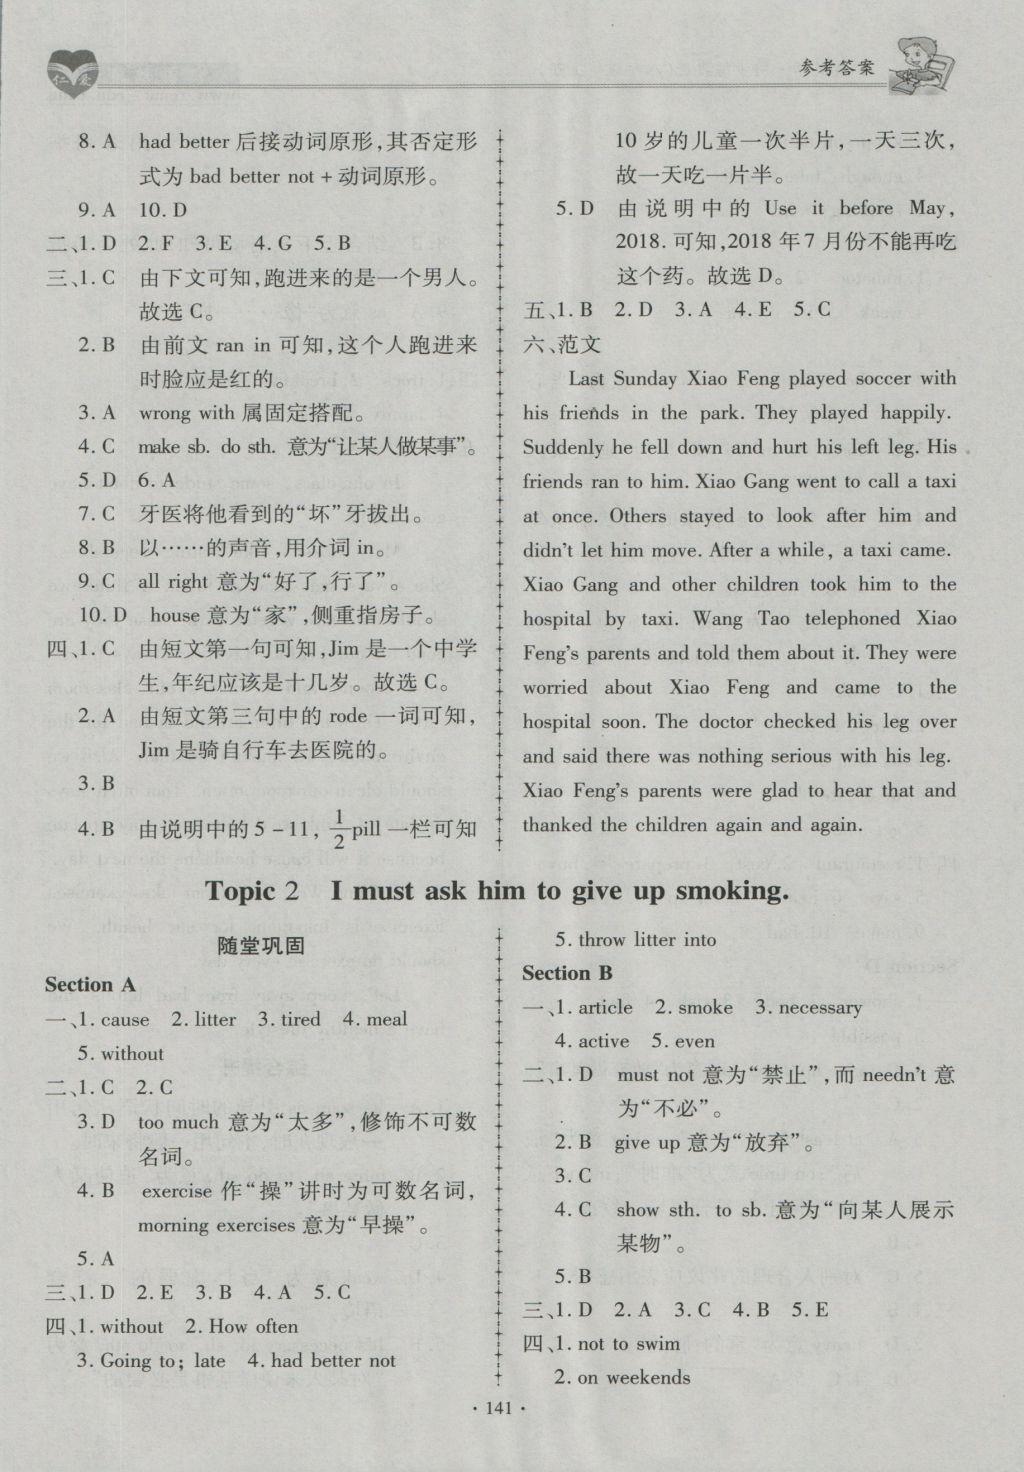 2016年仁爱英语同步练习册八年级上册E参考答案第11页